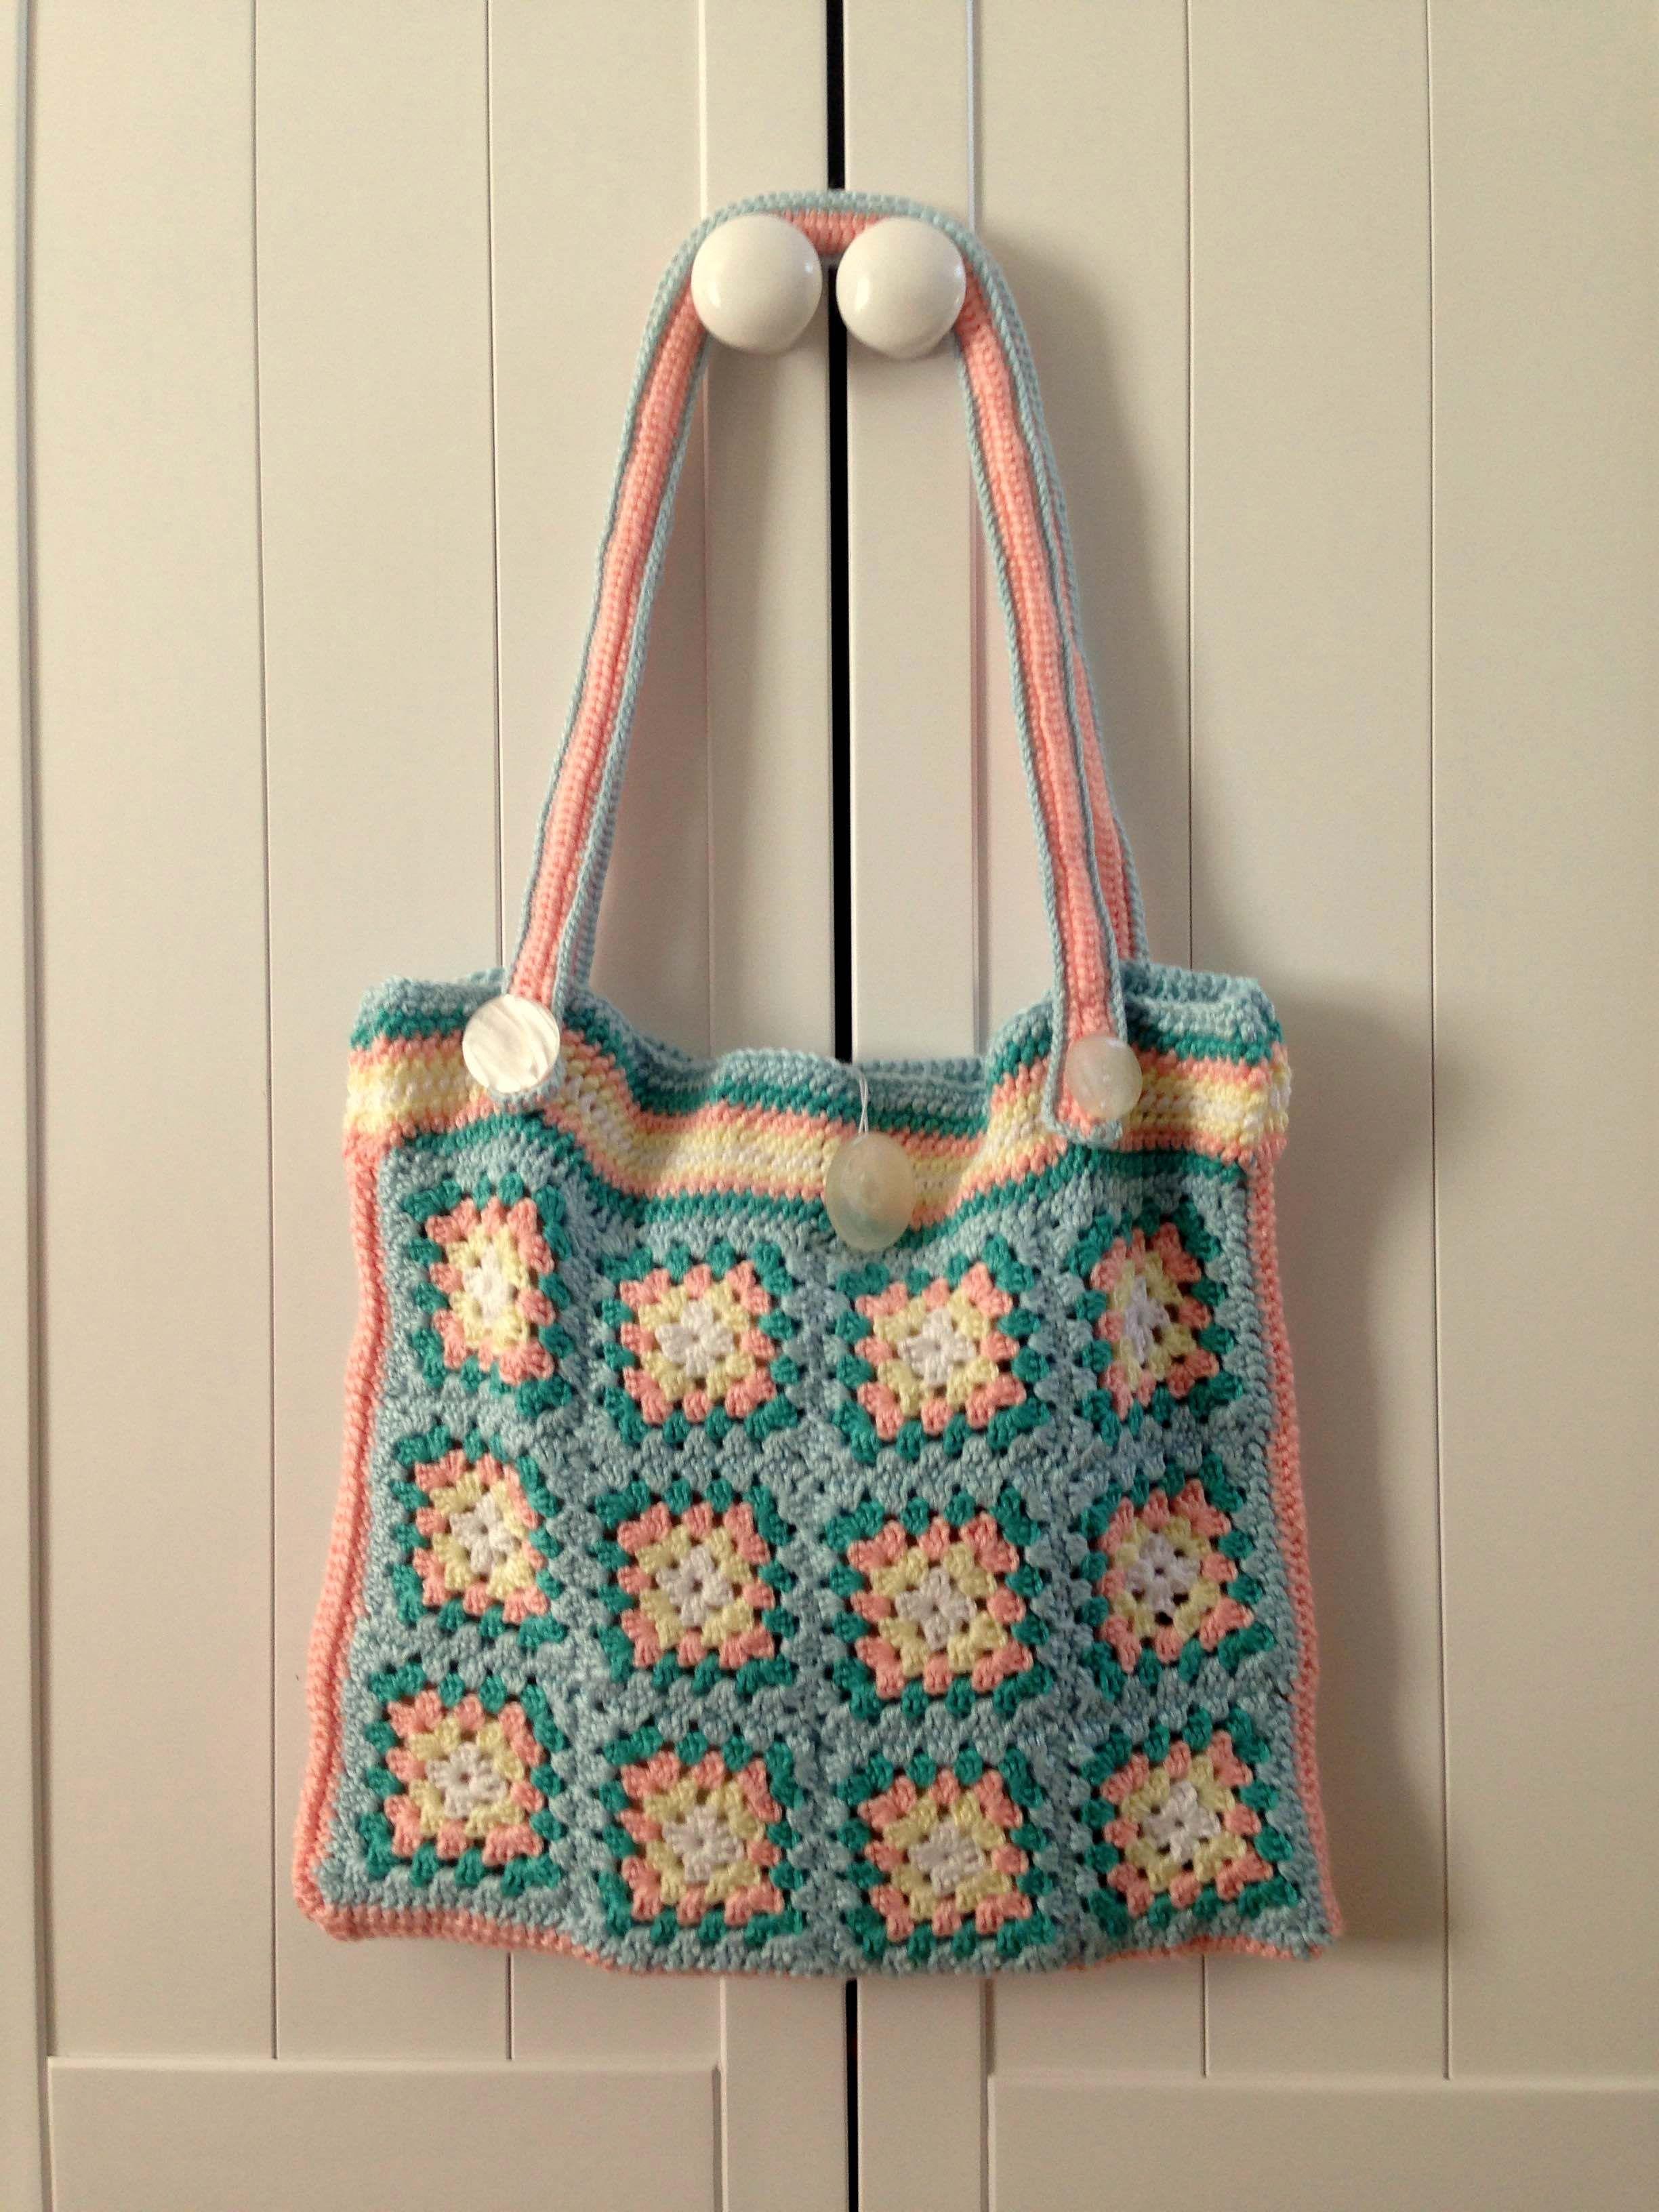 Artesanato com amor...by Lu Guimarães: Tutorial de bolsa de quadrados de crochê feitos co...